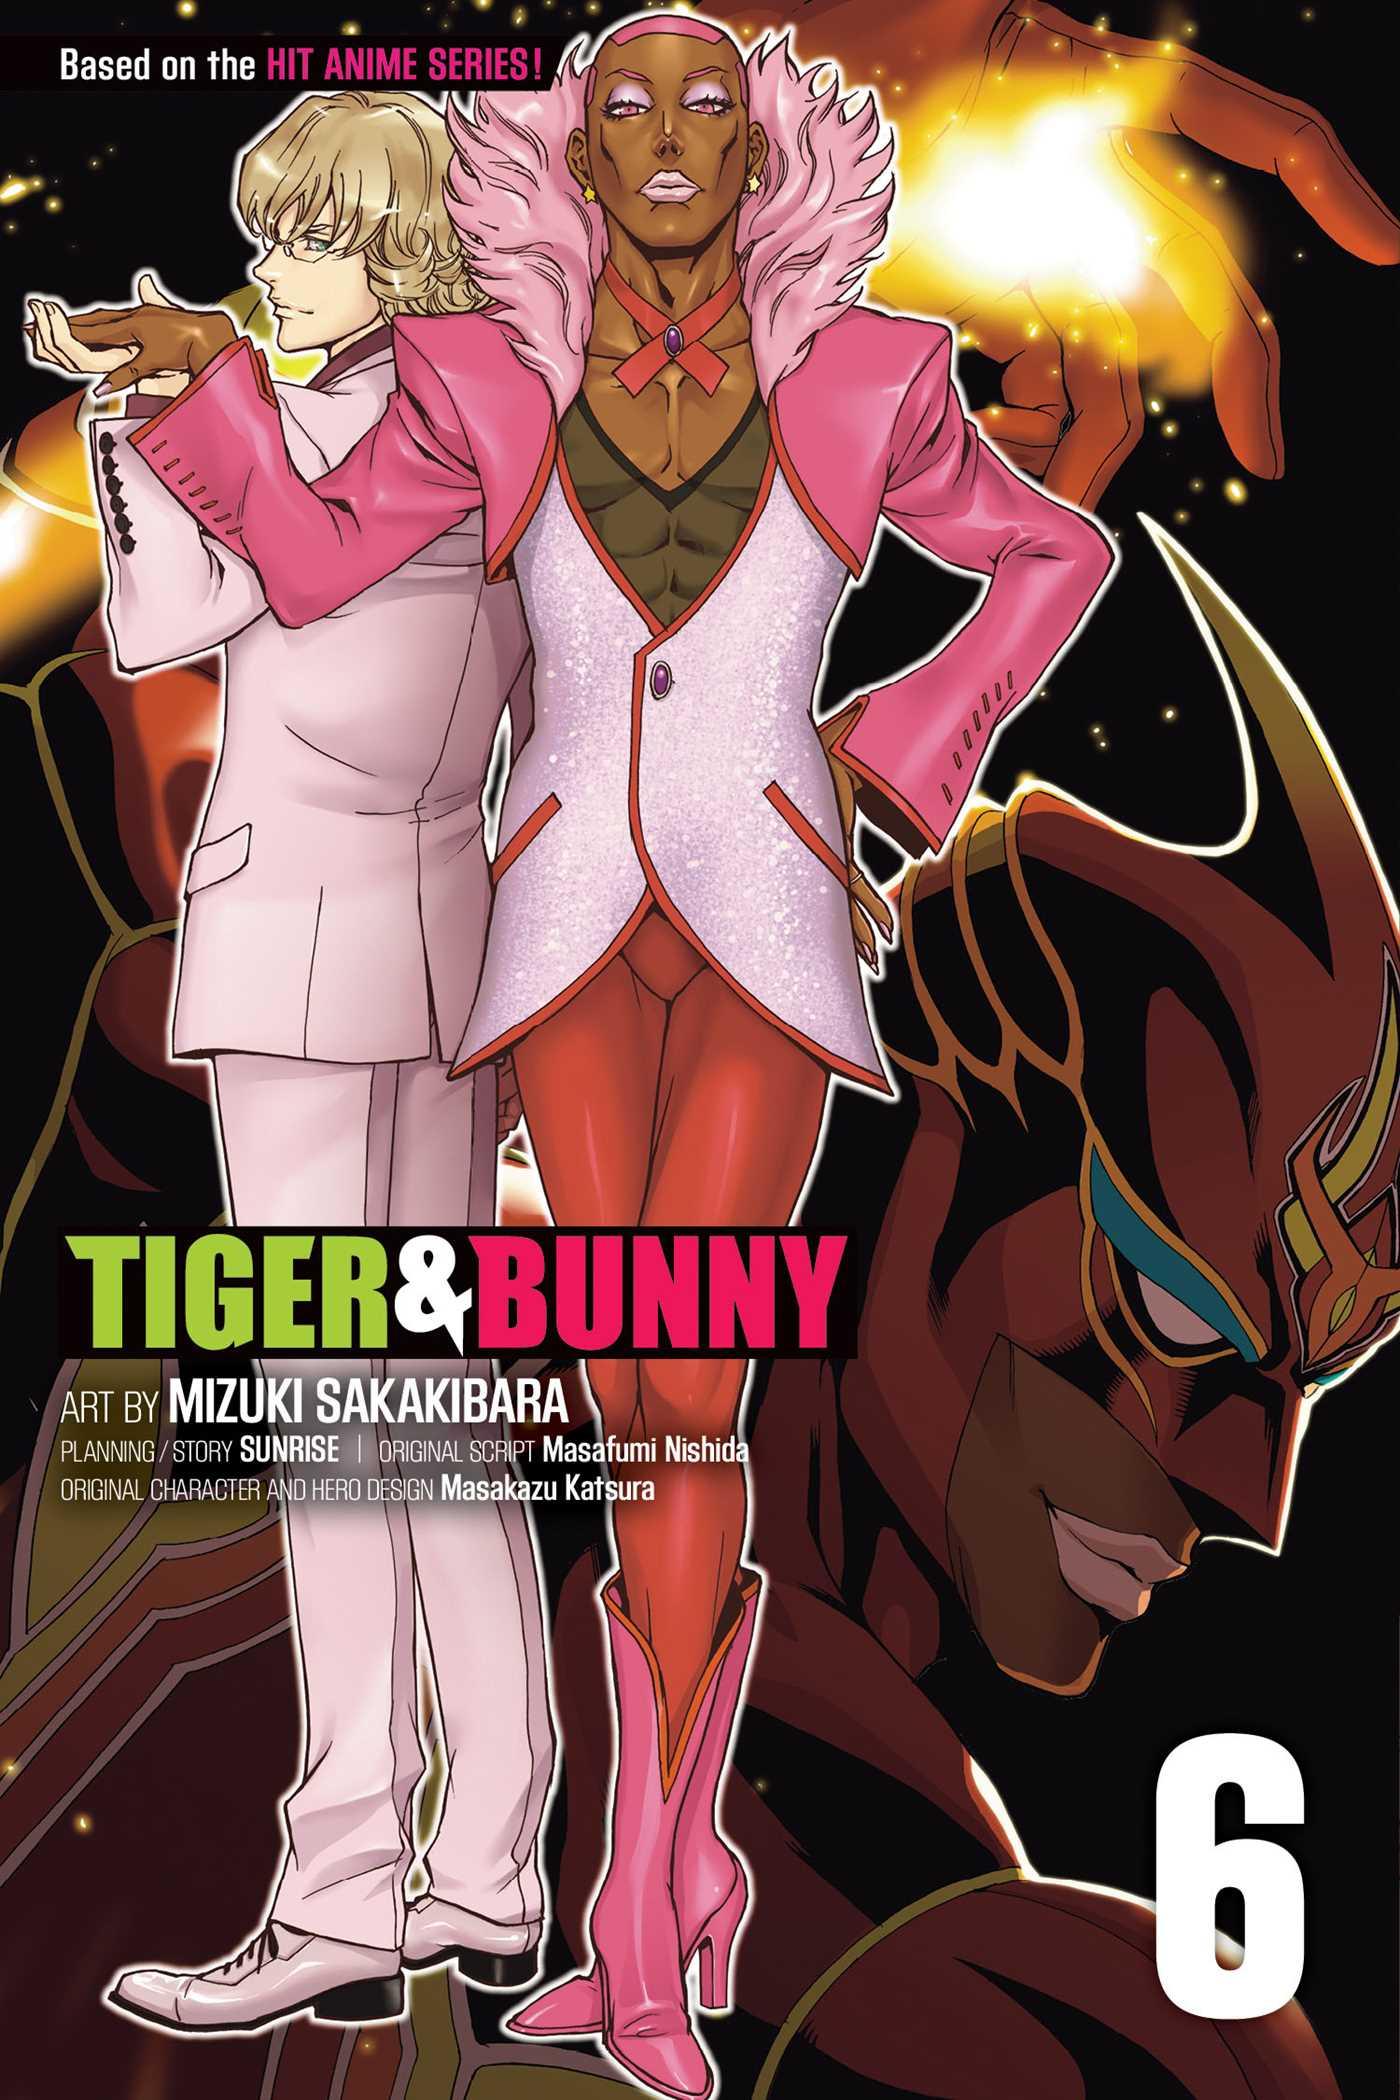 Tiger bunny vol 6 9781421576800 hr